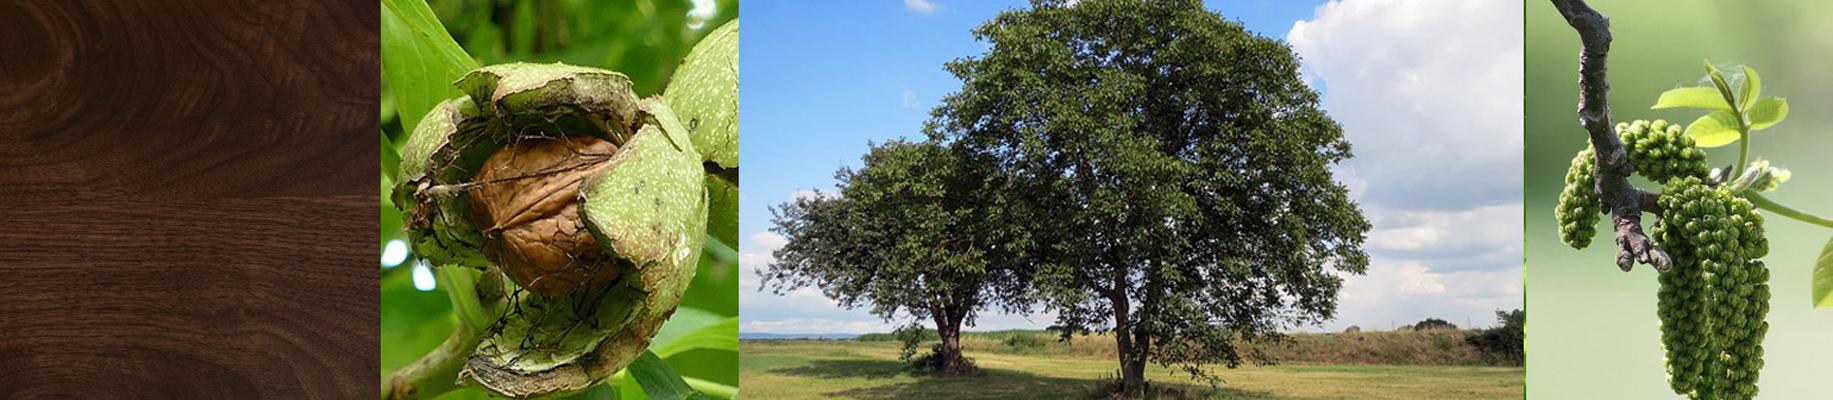 Astnussbaum holzart.jpg